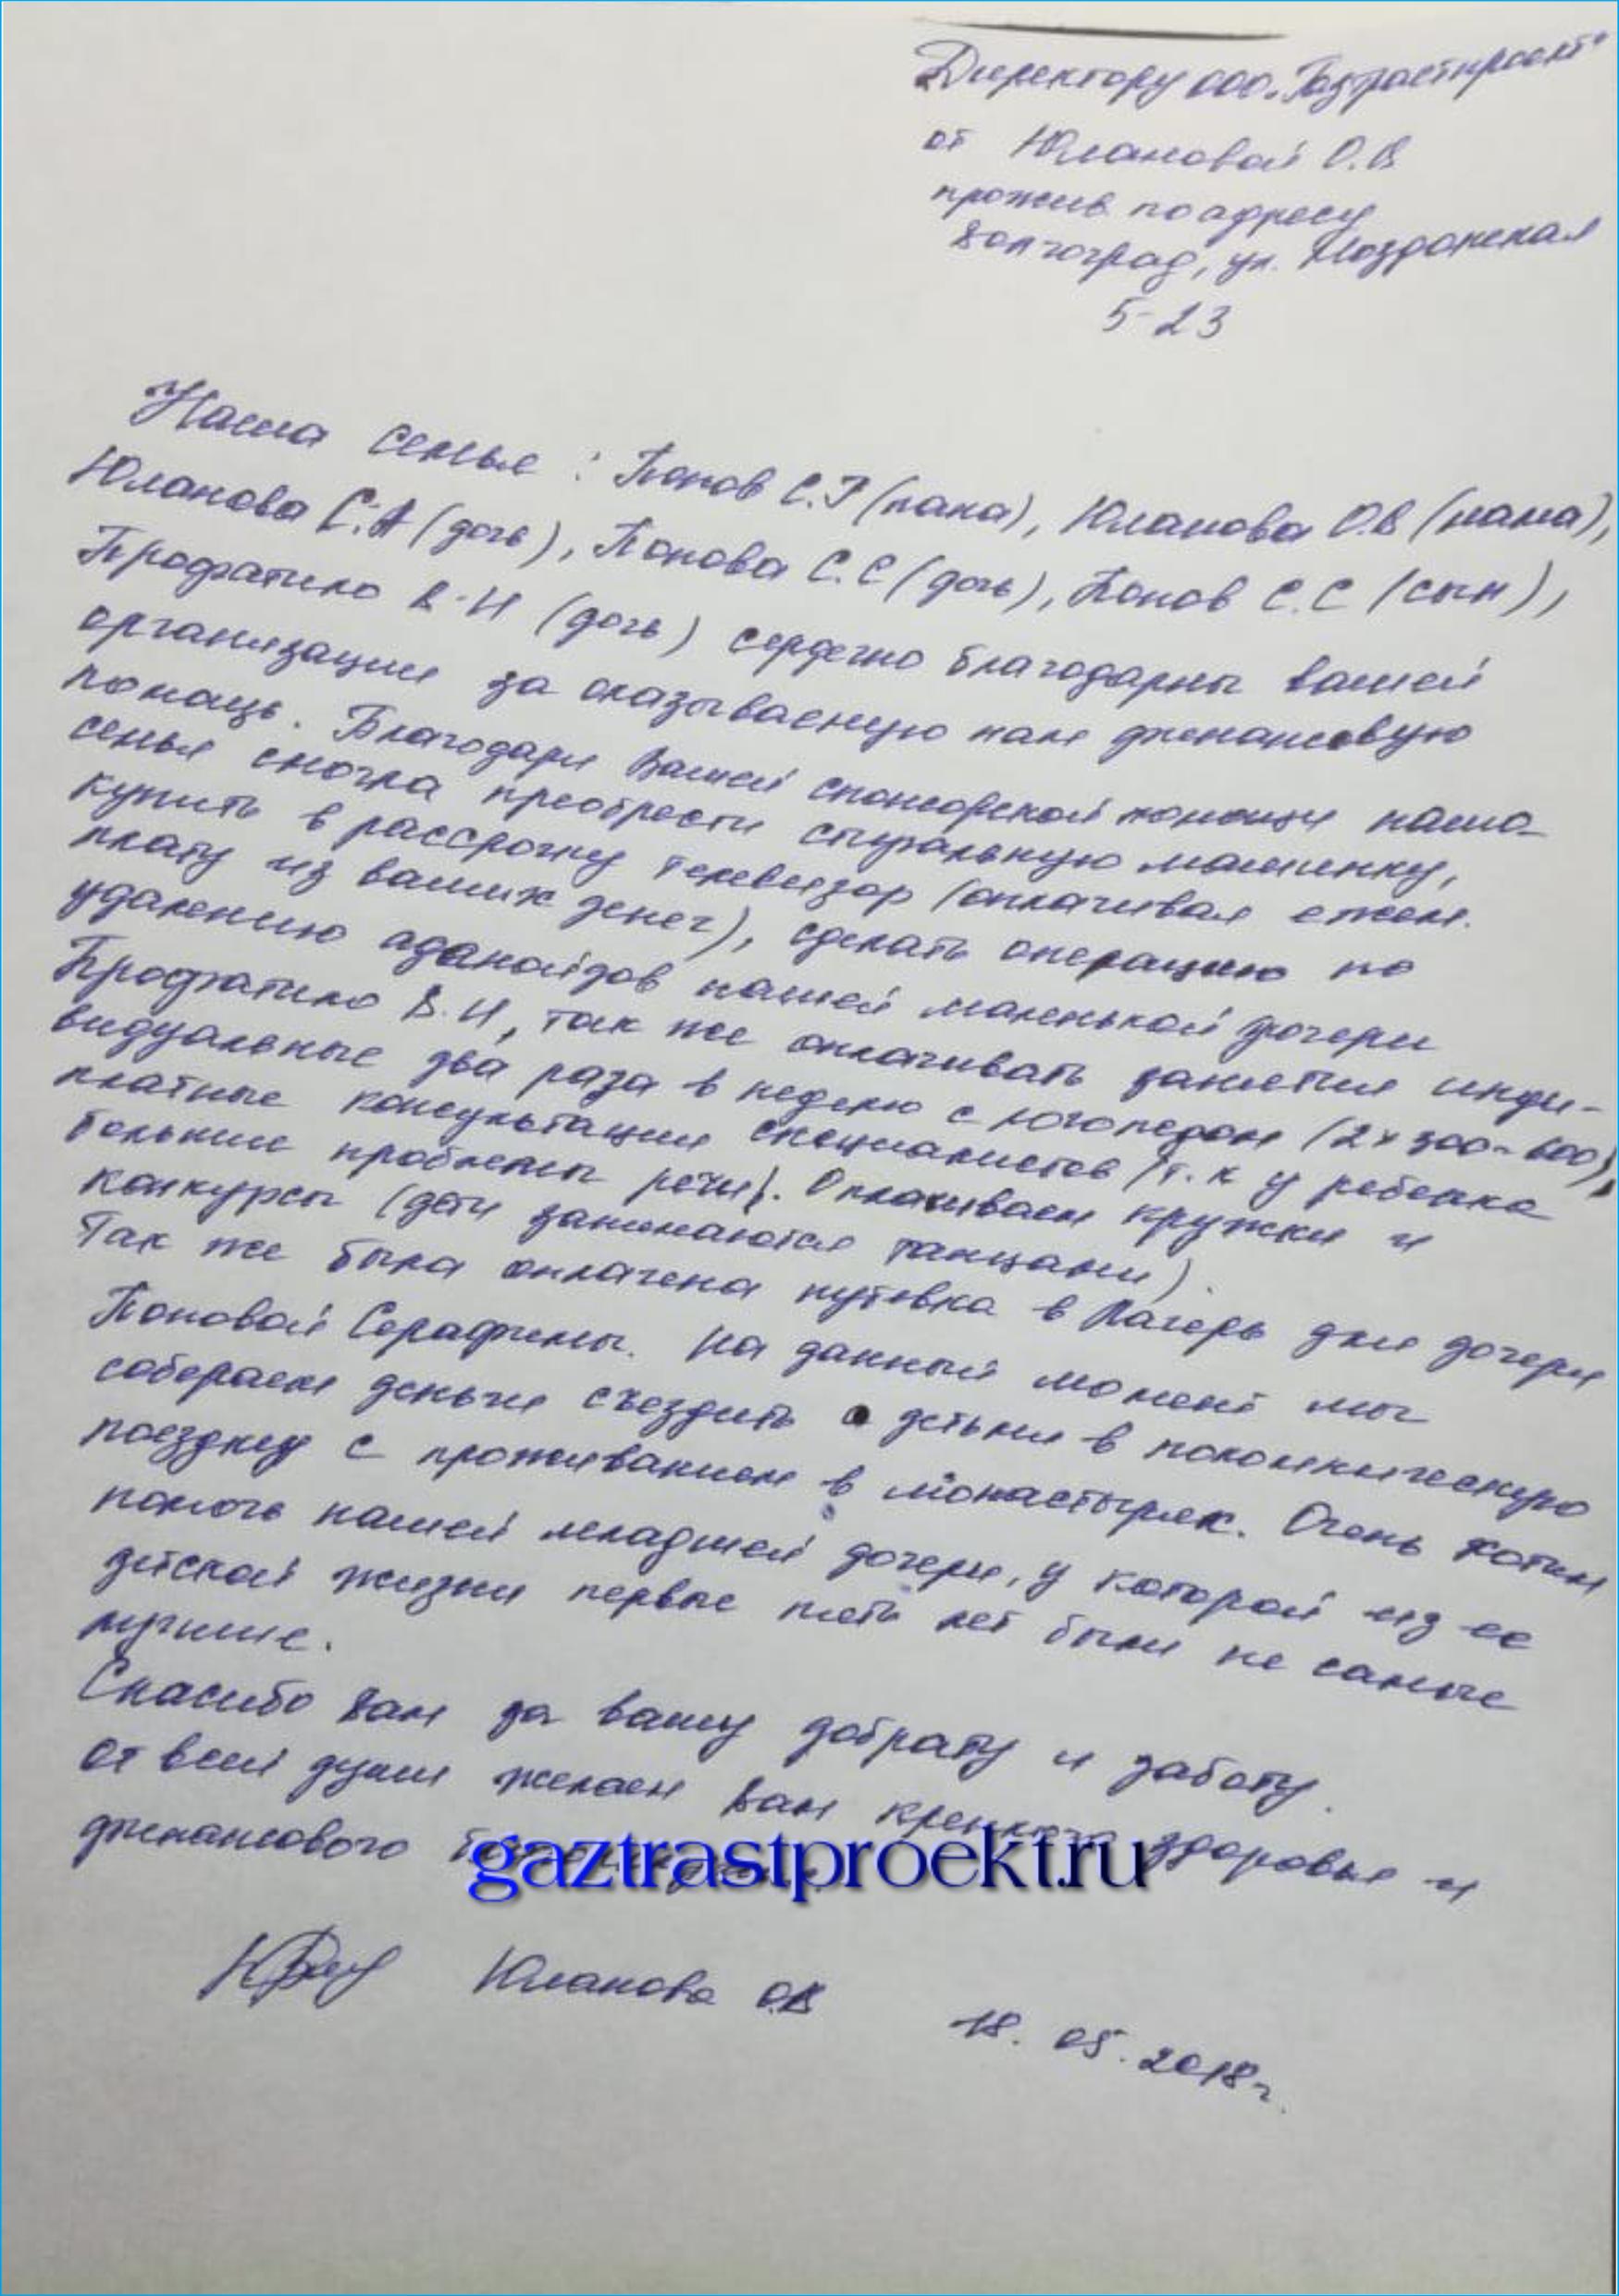 ГЗТРАСТПРОЕКТ Волгоградское представительство